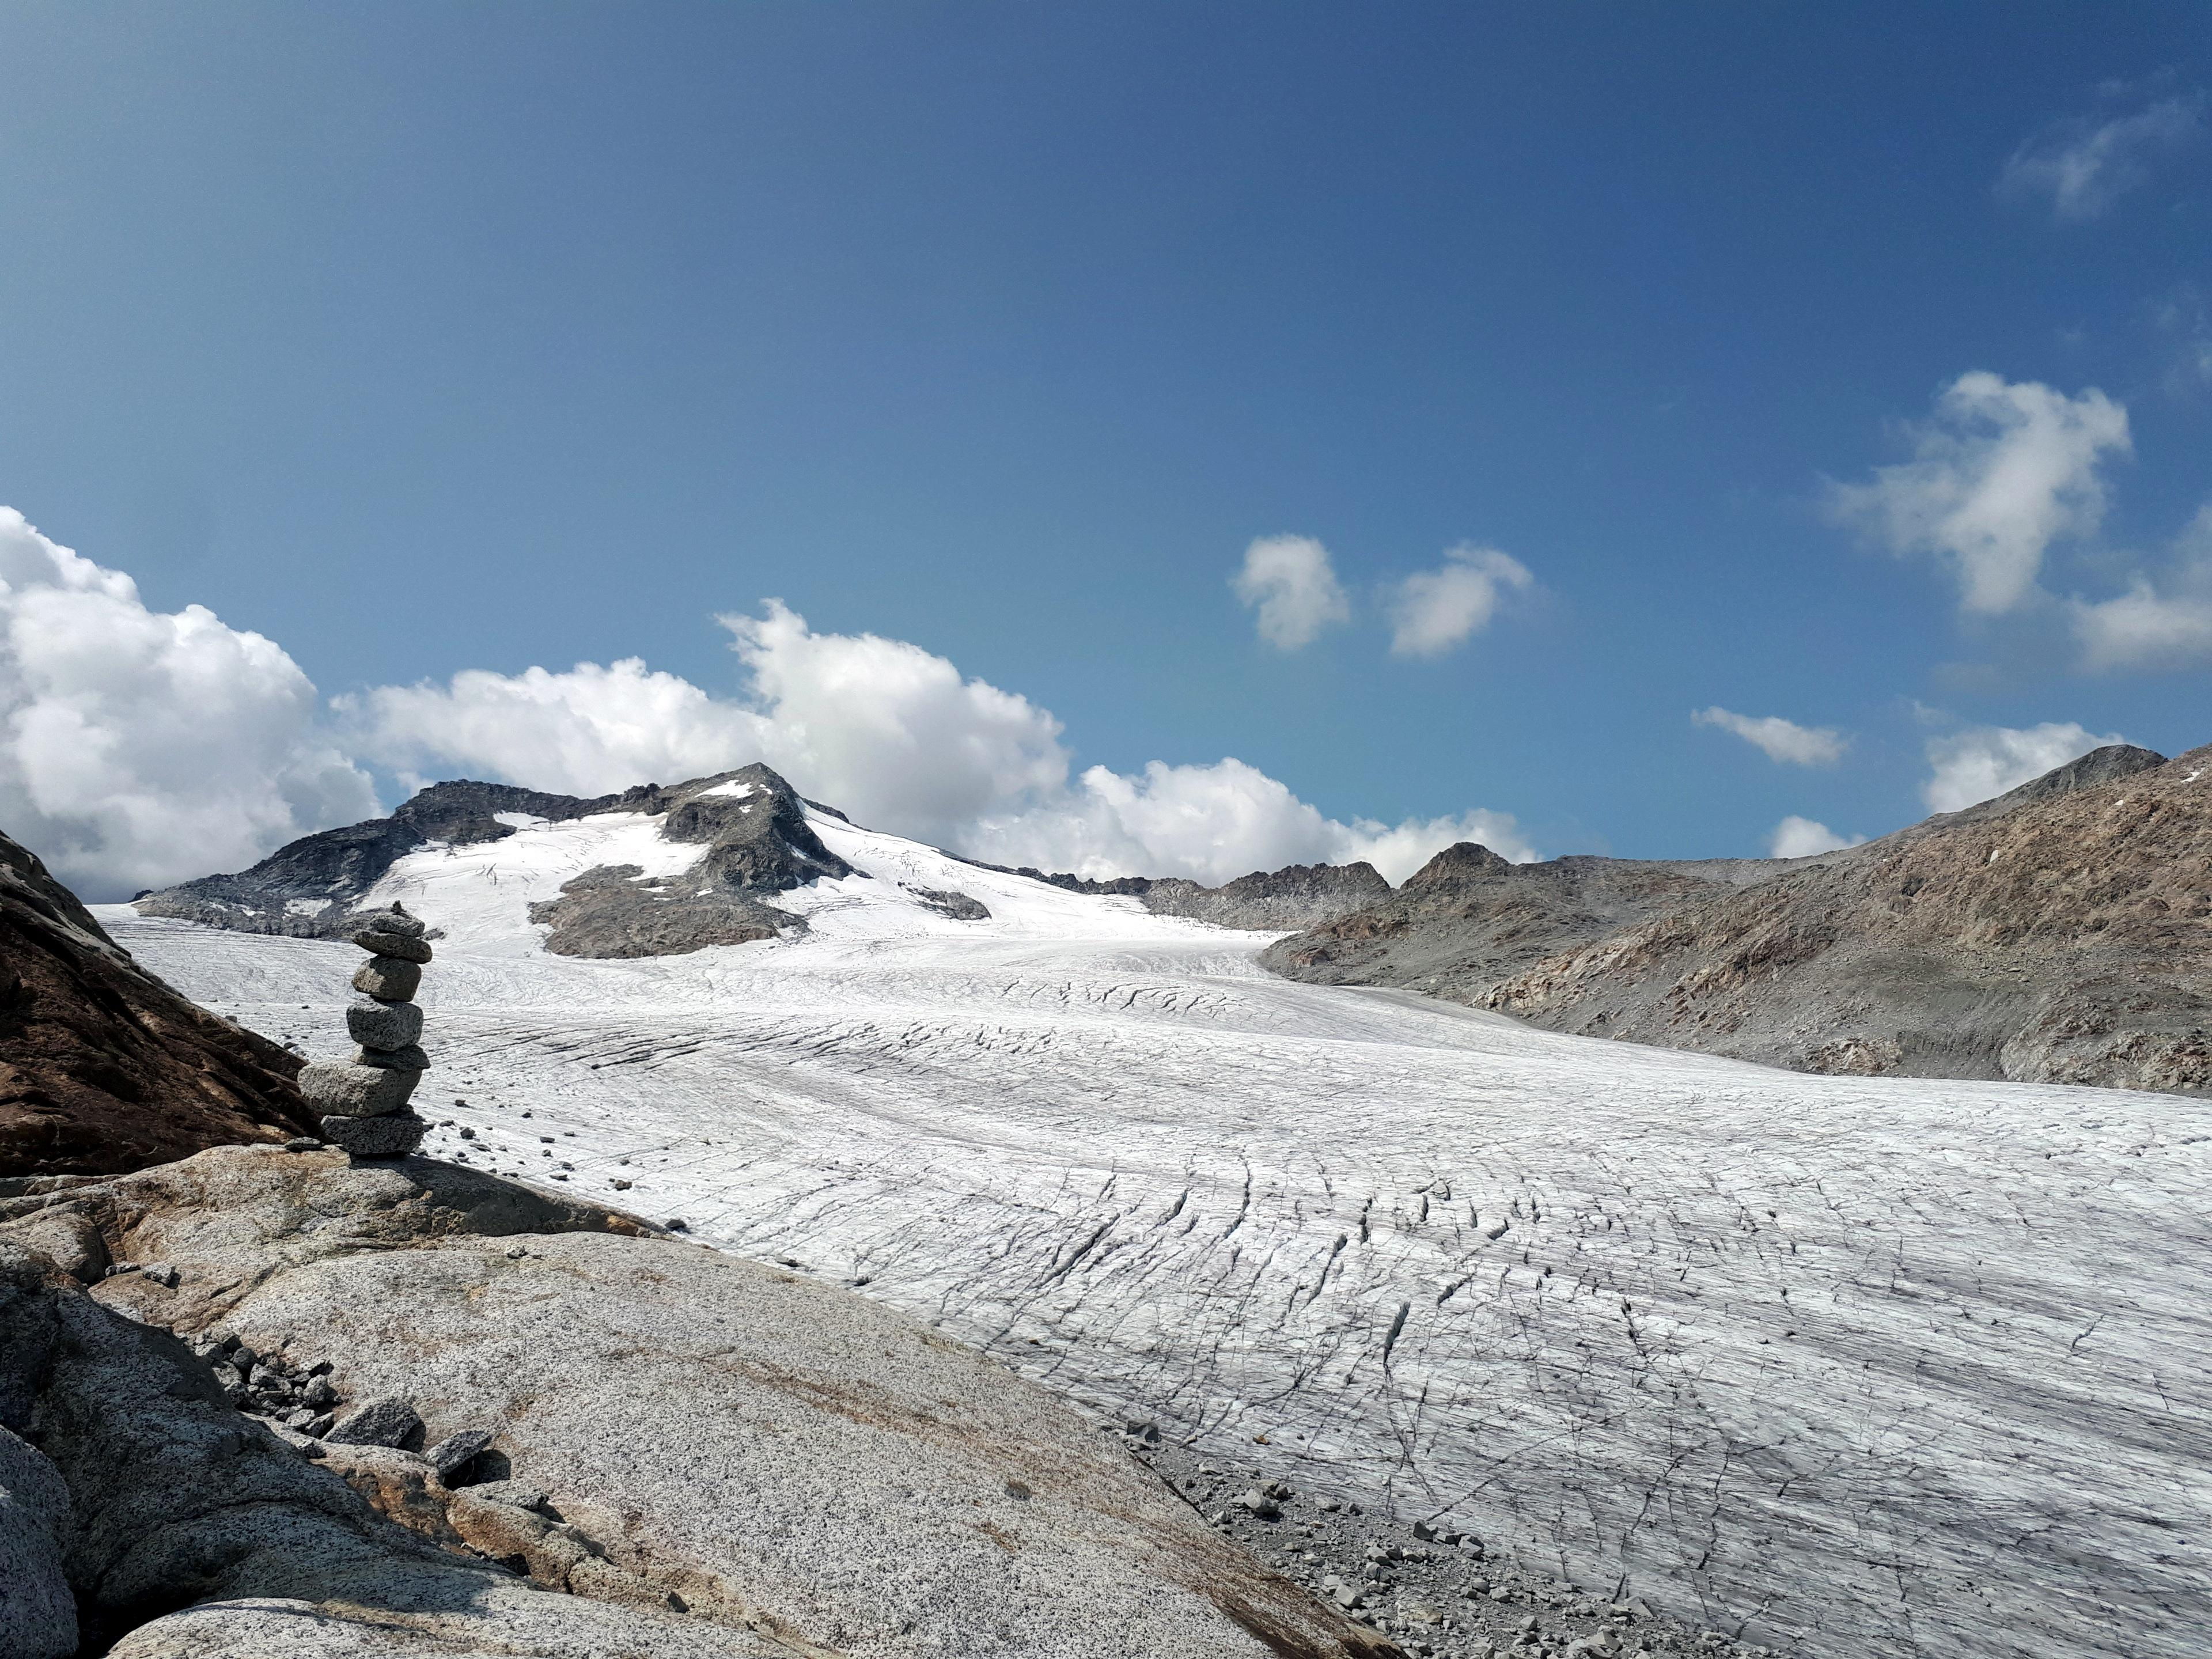 tutto il ghiacciaio è solcato da crepacci, come se fosse stato graffiato da una tigre impazzita